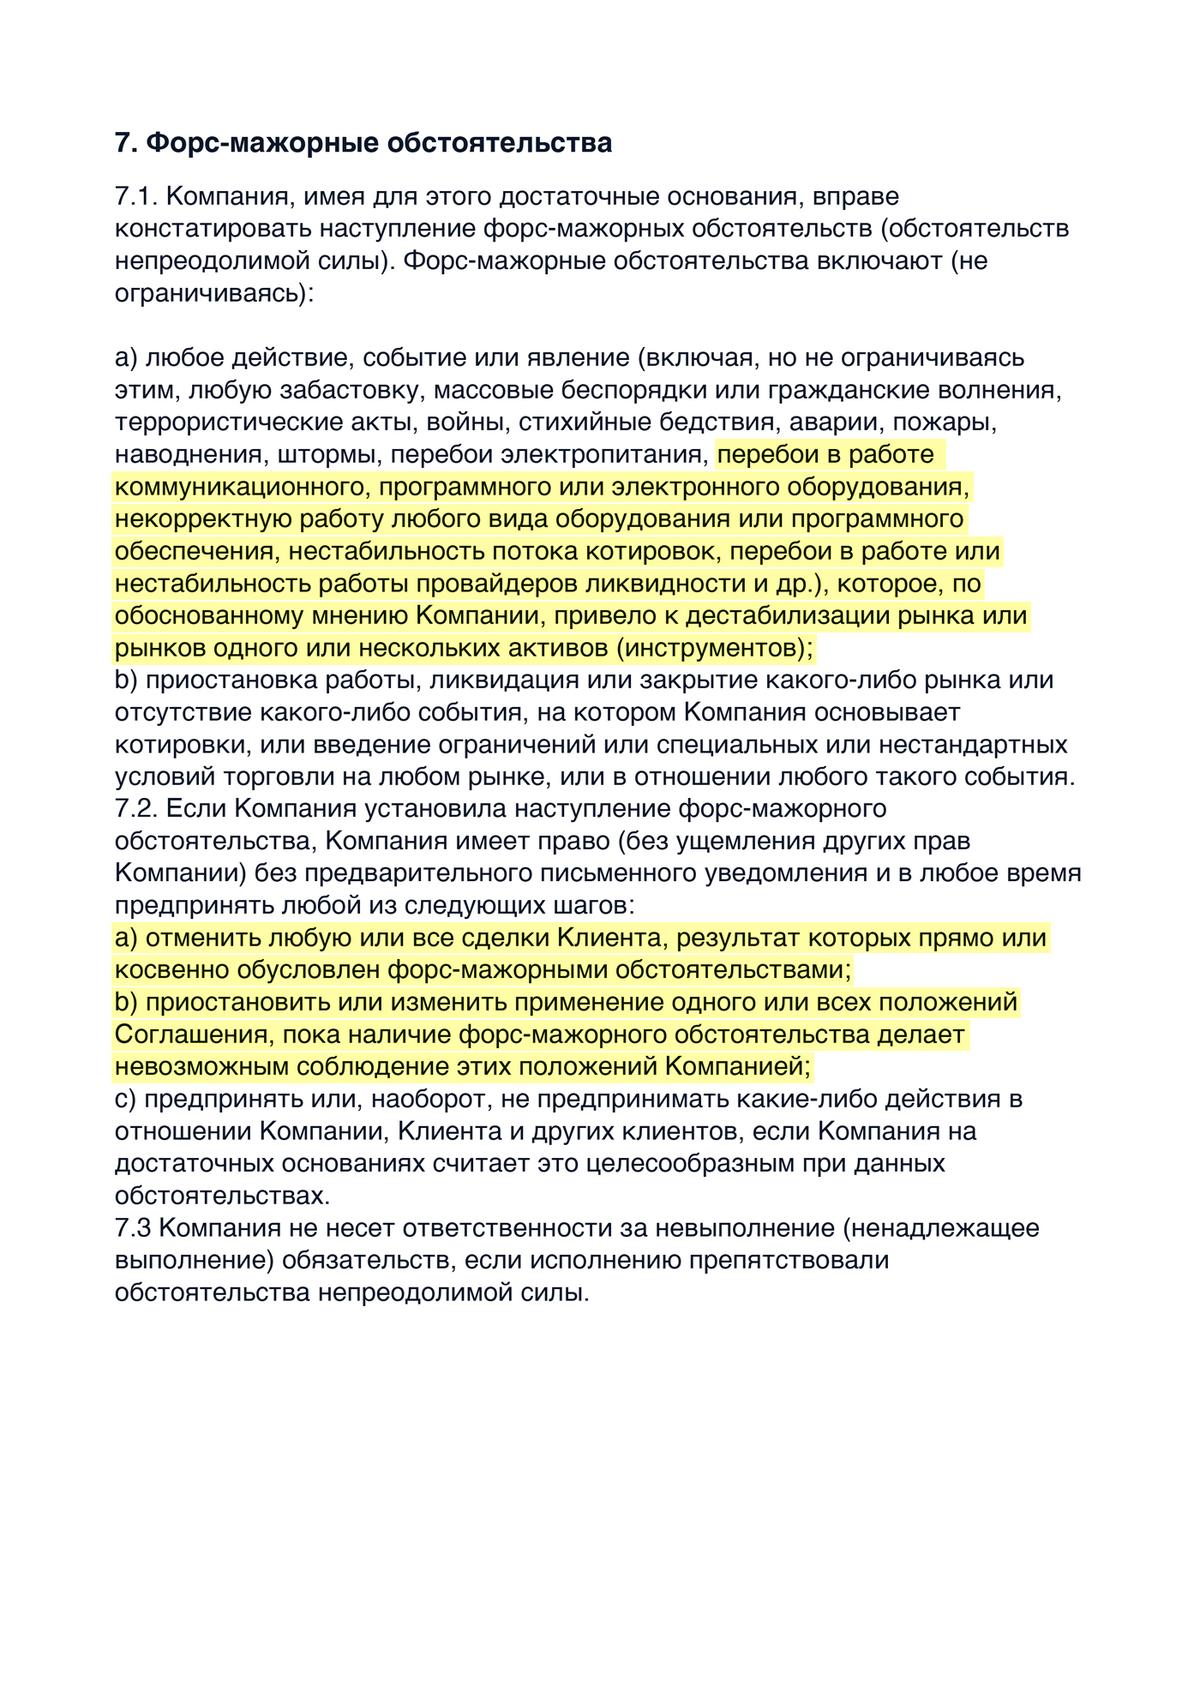 Фрагмент пользовательского соглашения одного из брокеров: форс-мажором можно признать любой технический сбой, а из-за форс-мажора можно отменить все сделки